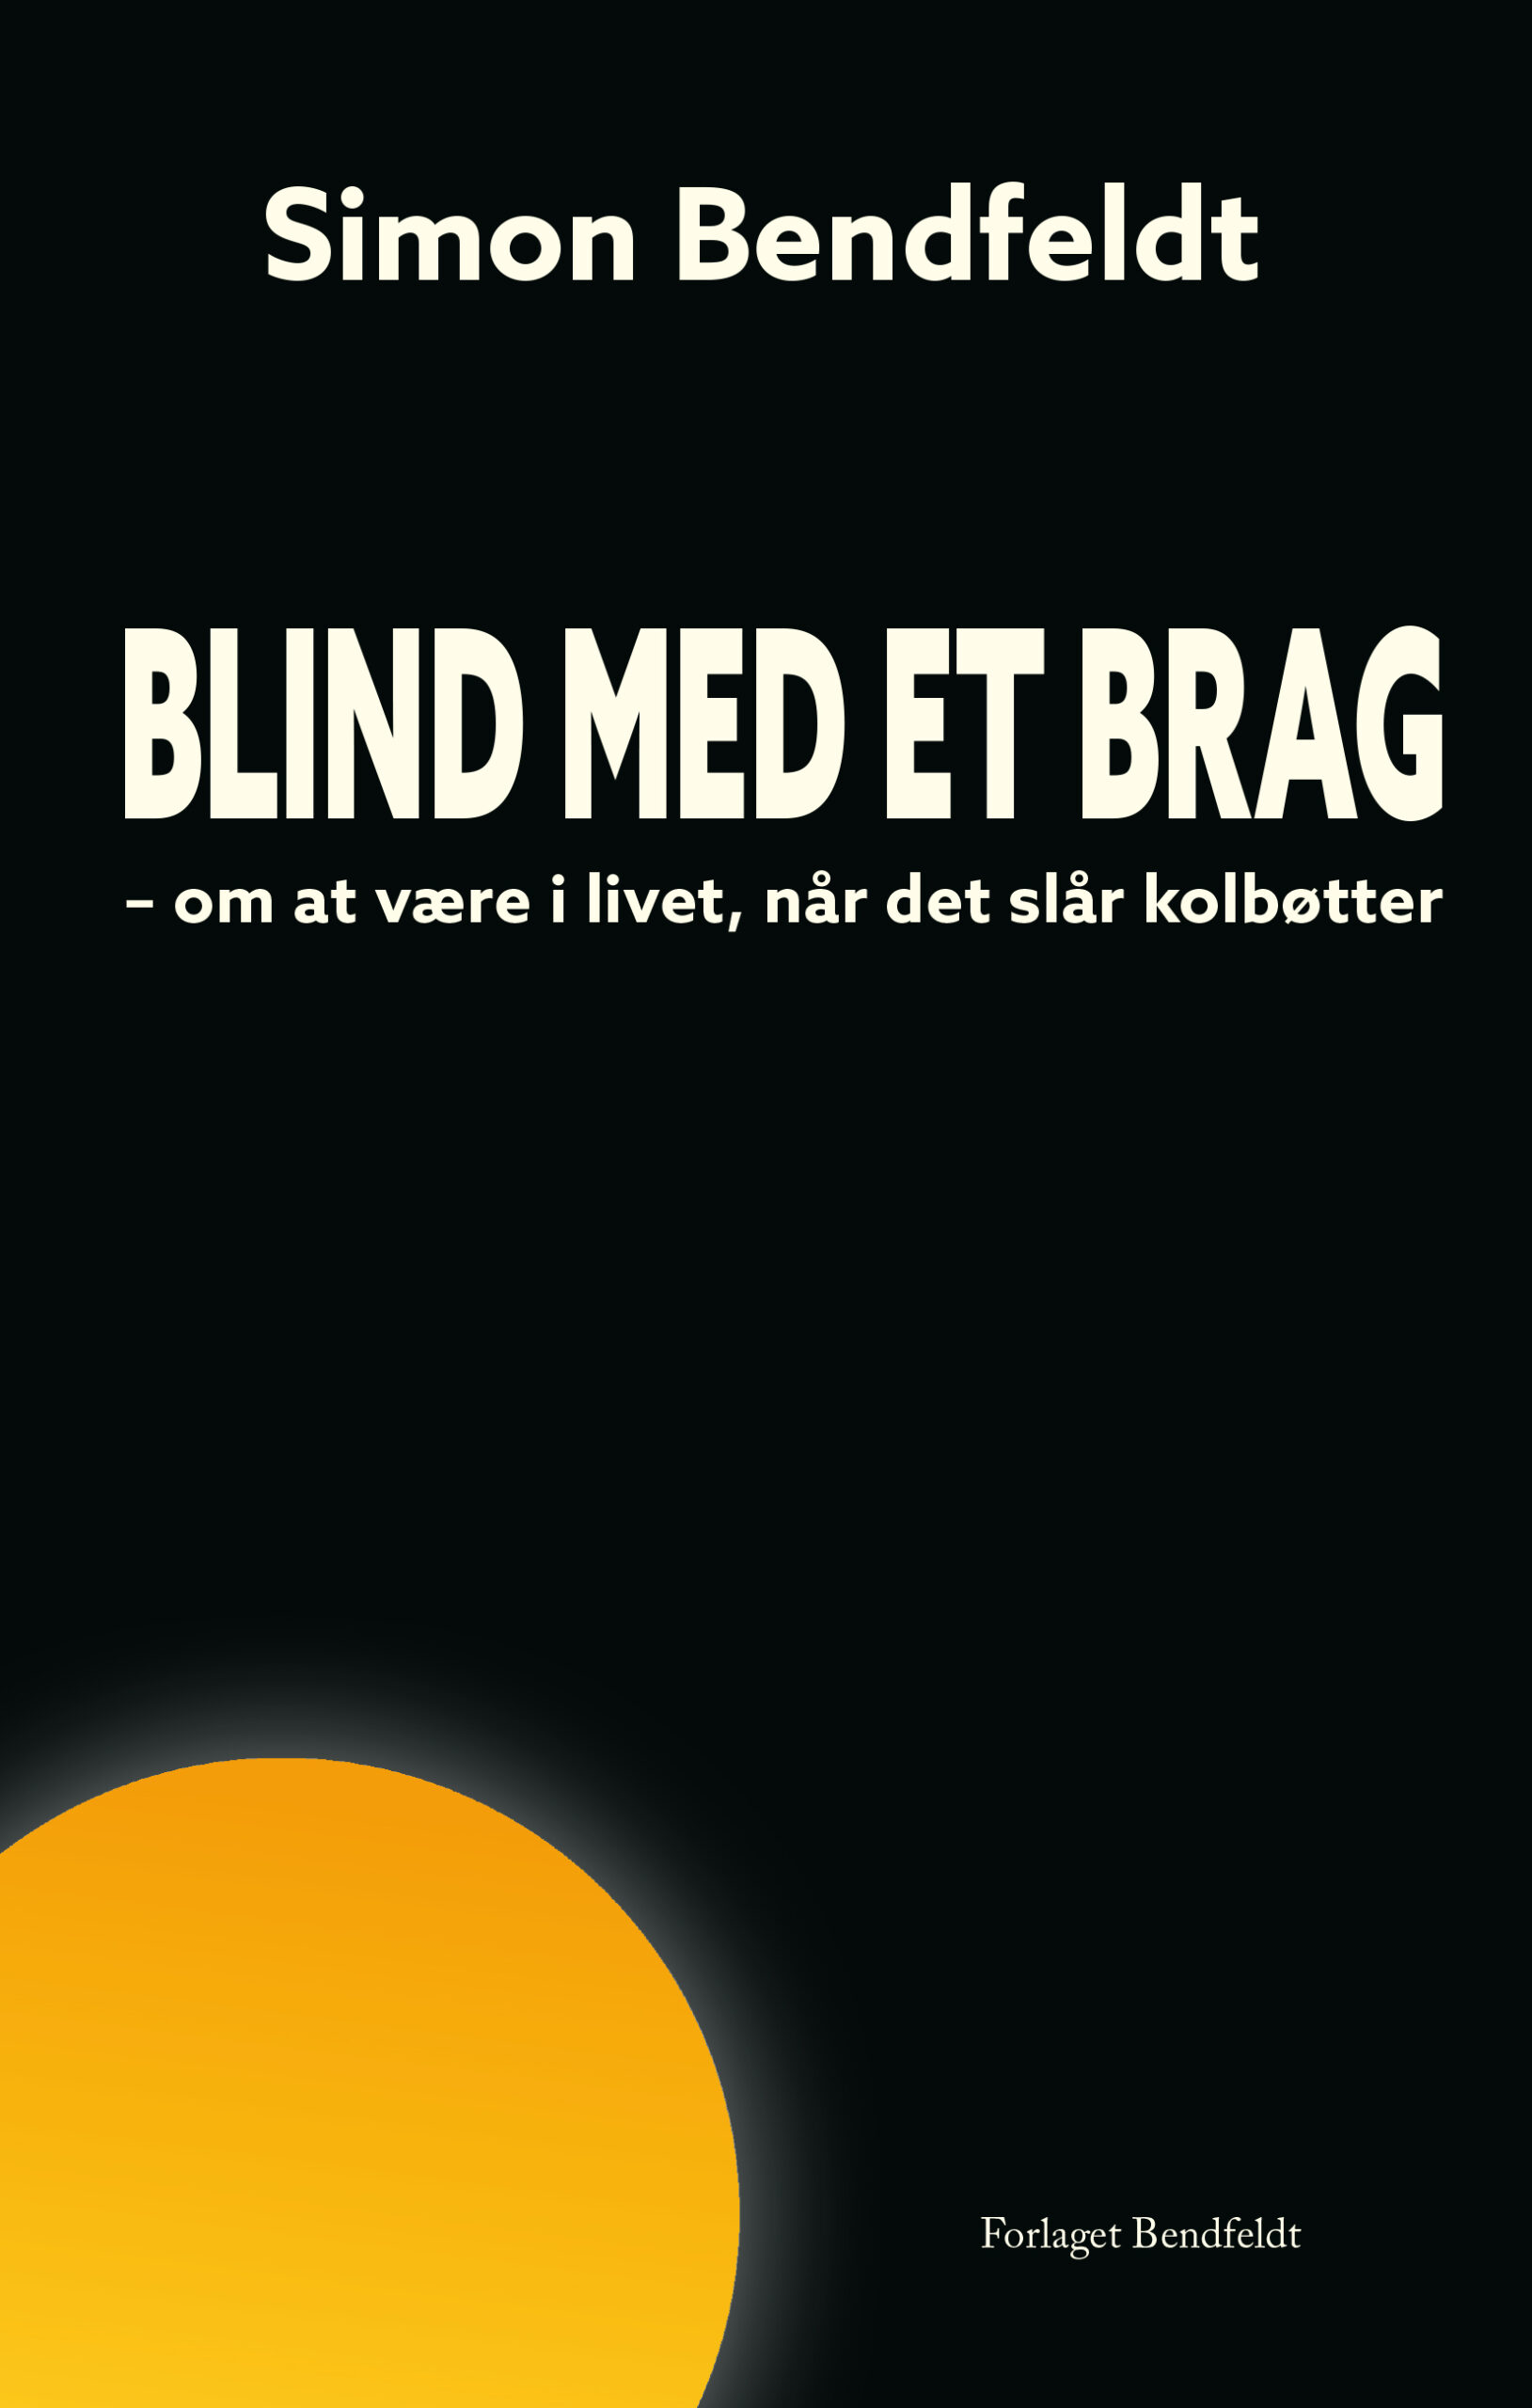 Blind med et brag Simon Bendfeldt